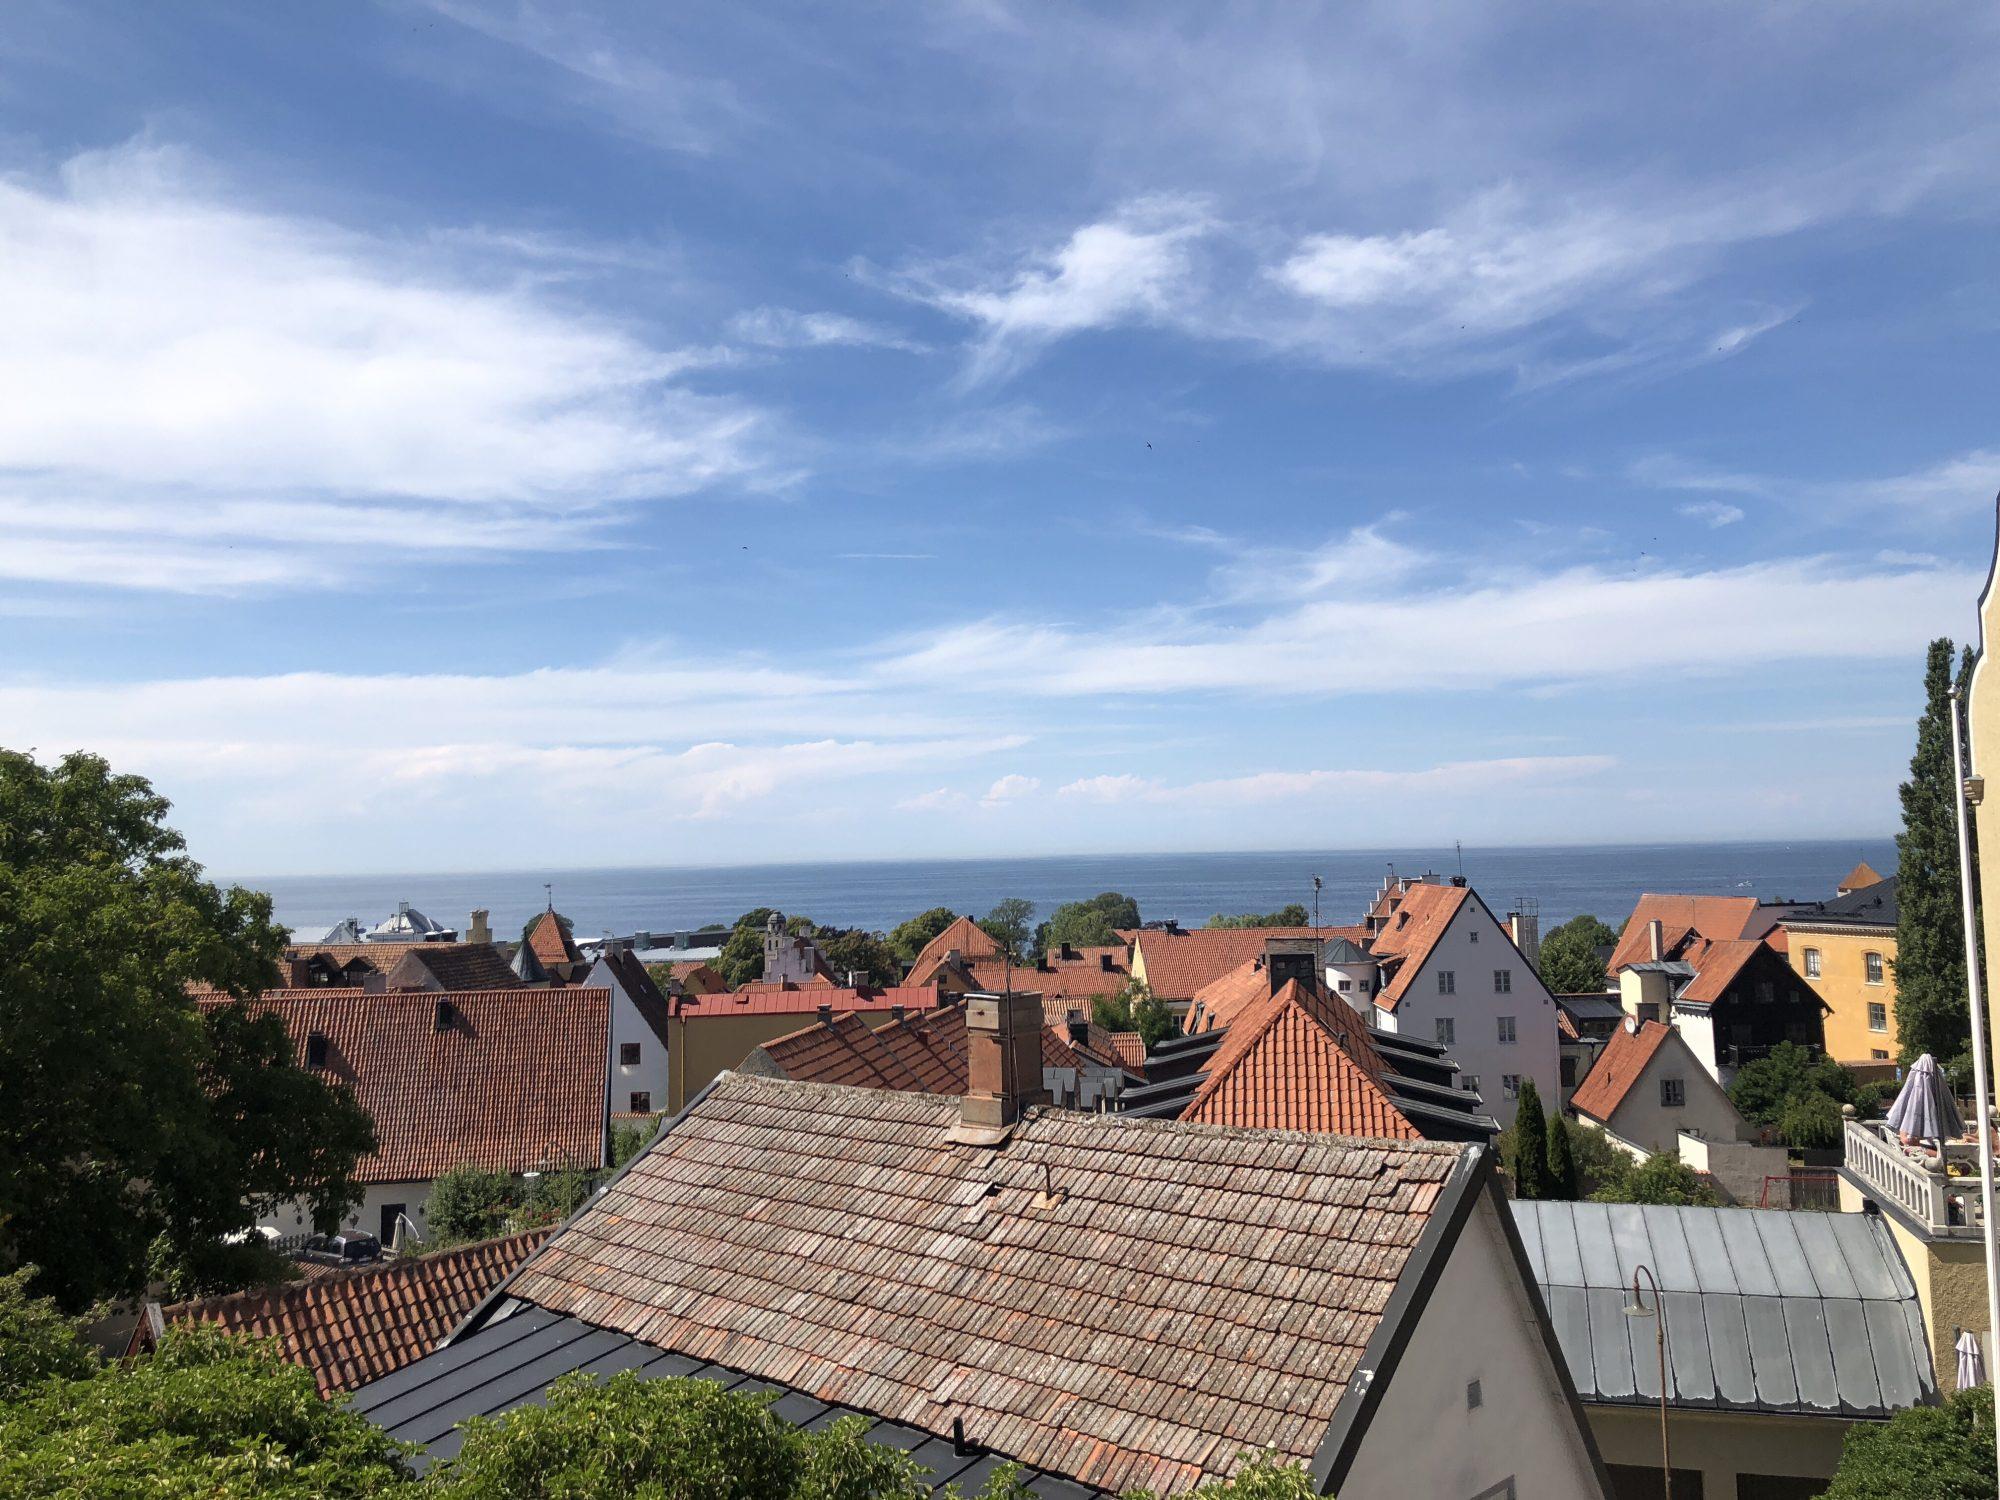 Att göra en dag i Visby - Krönet